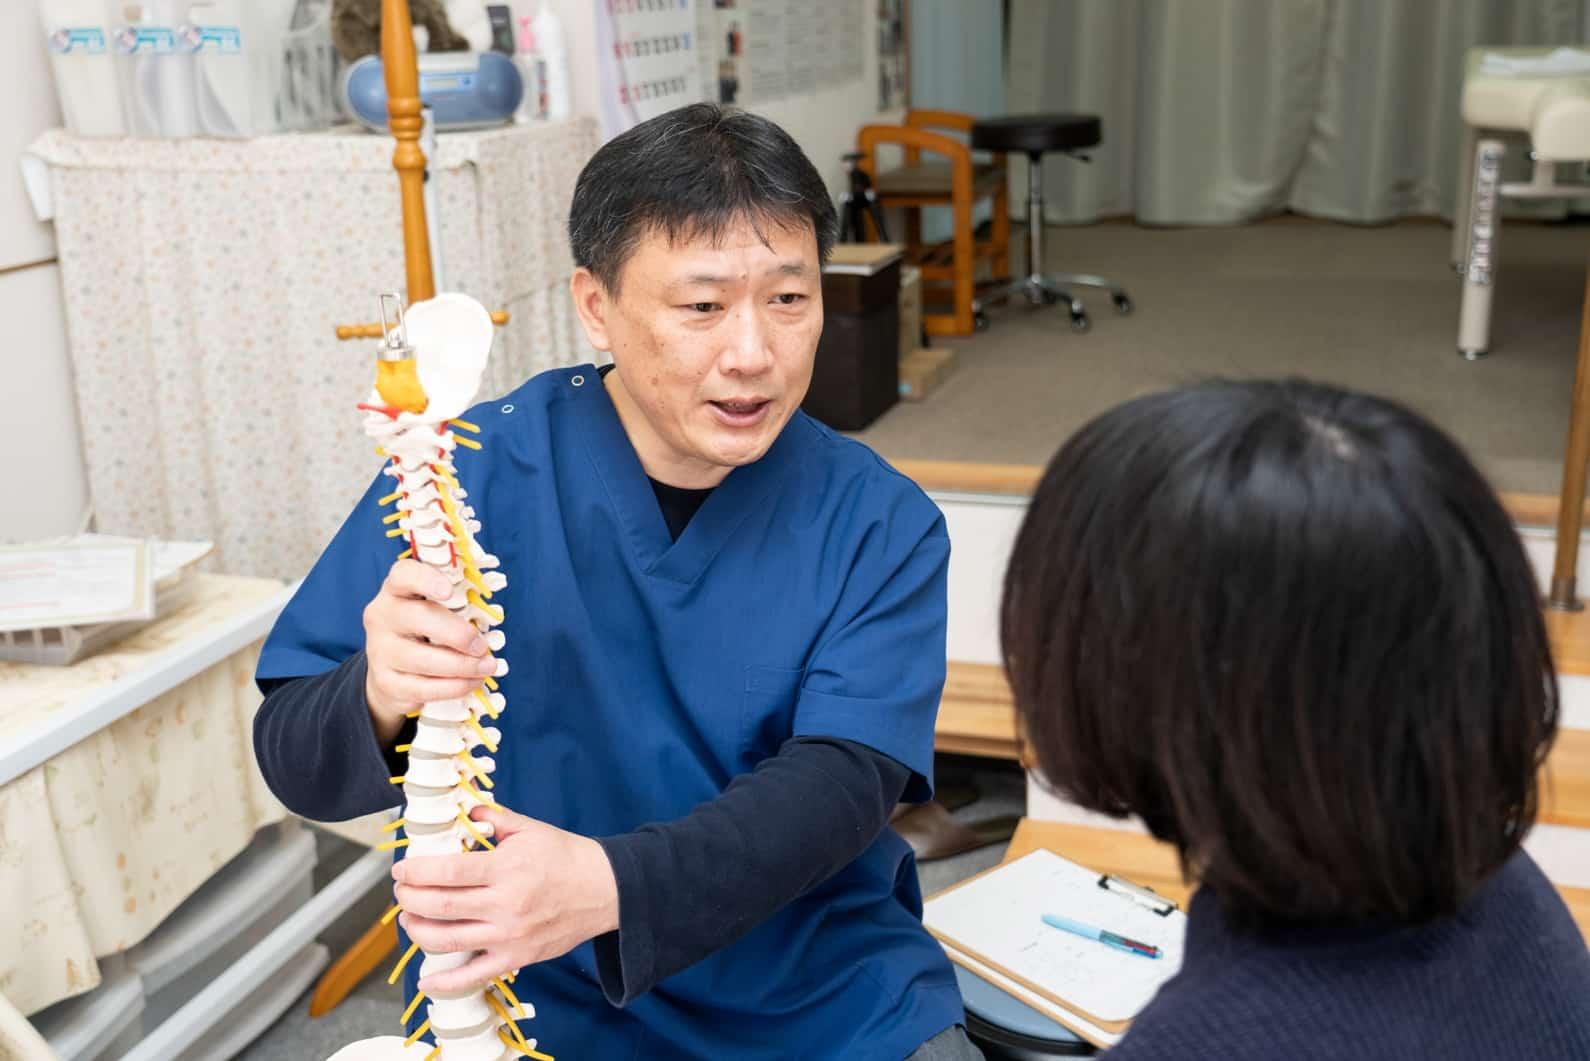 ひだか整体院は背骨のゆがみが症状の原因であると考えています